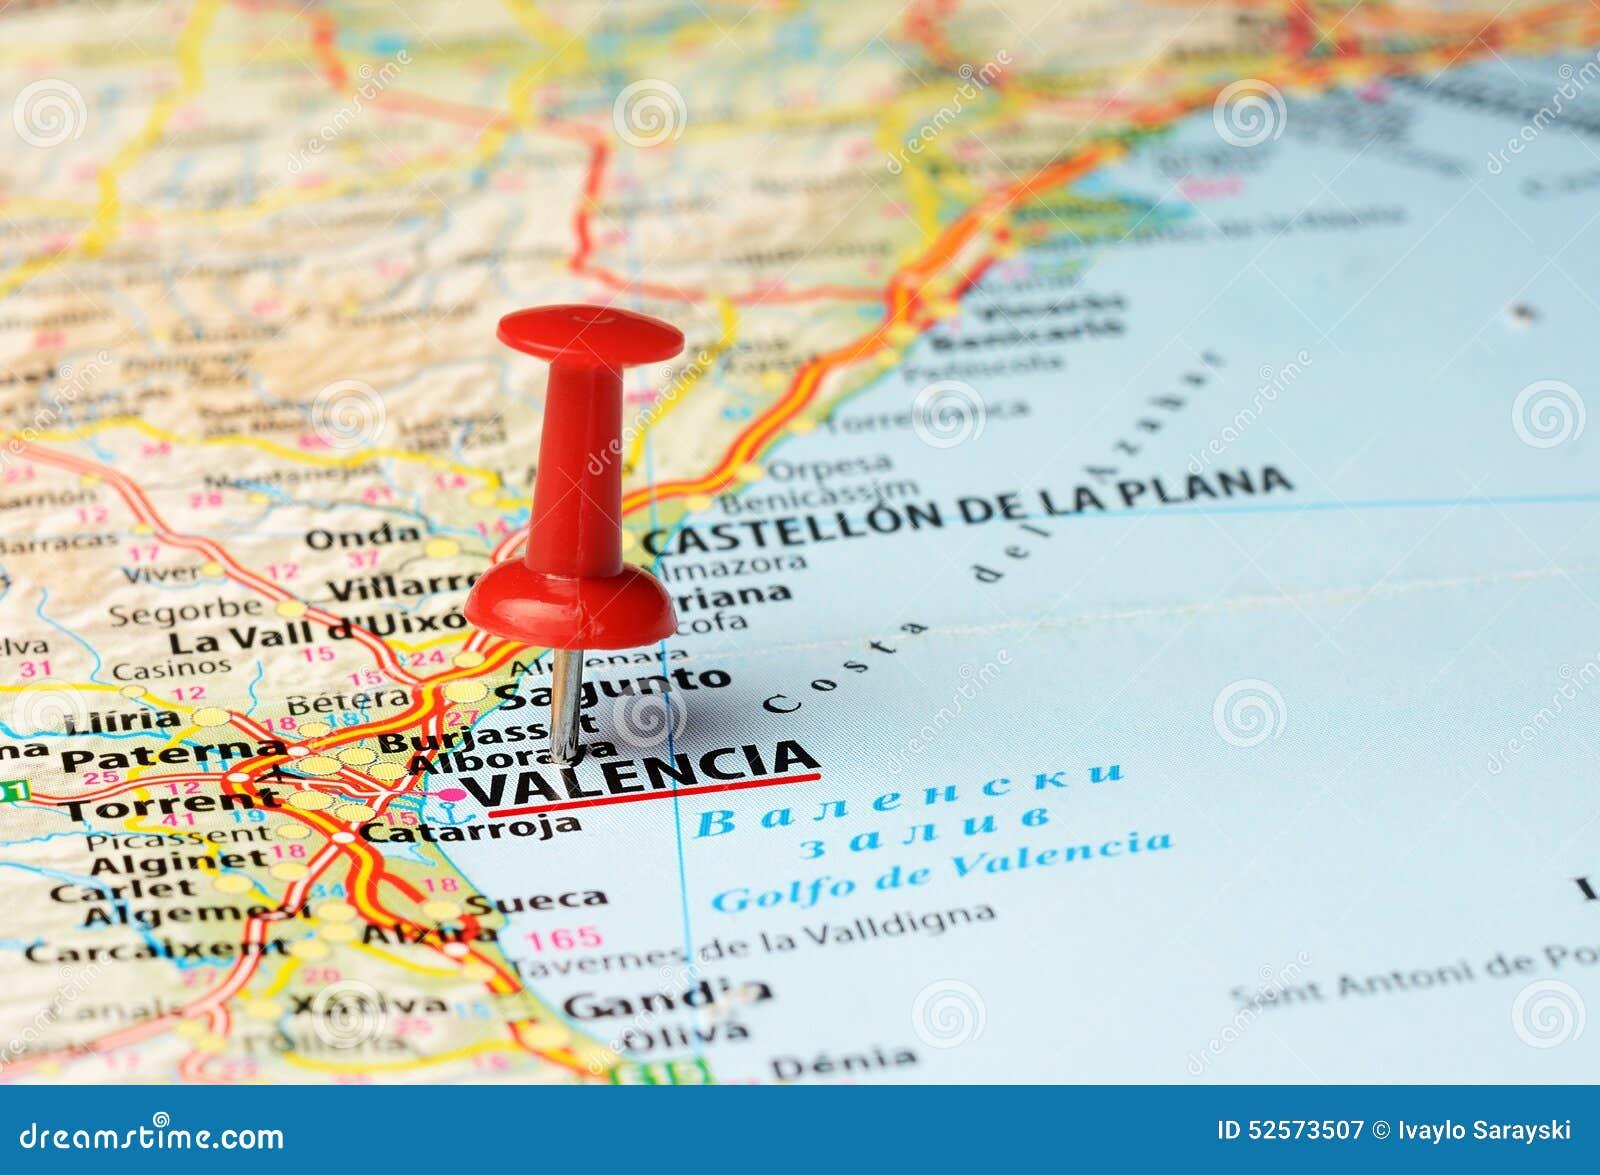 Cartina Spagna Villarreal.Mappa Di Valencia Spagna Immagine Stock Immagine Di Strada 52573507